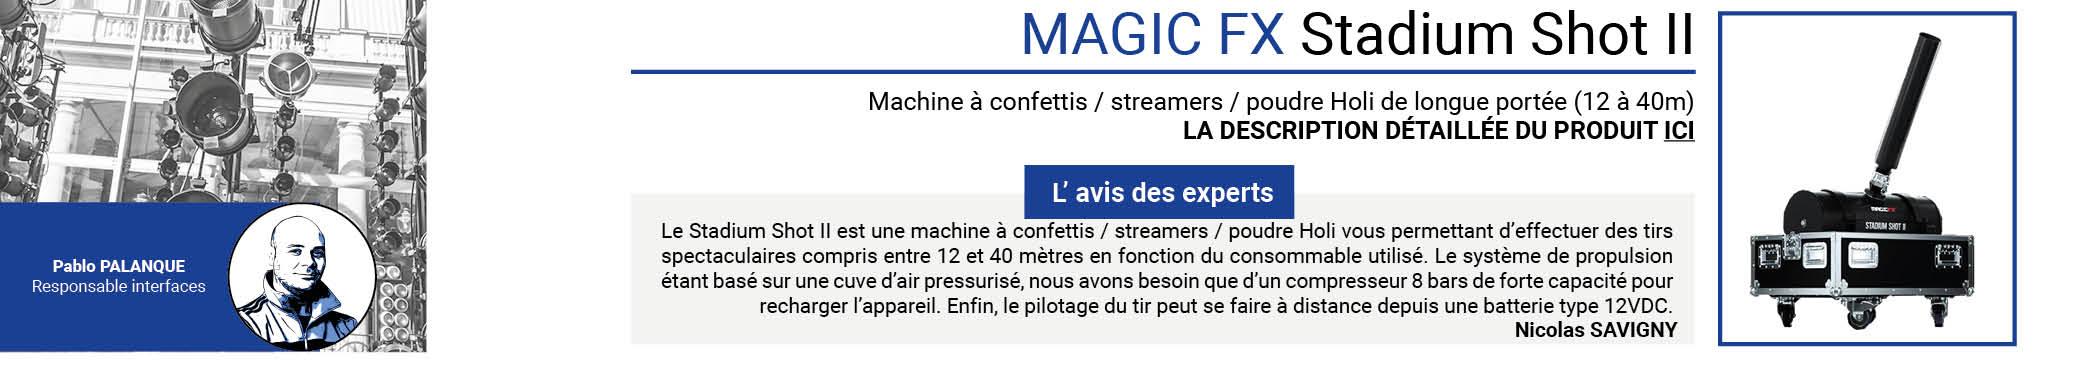 MAGIC FX Stadium Shot II